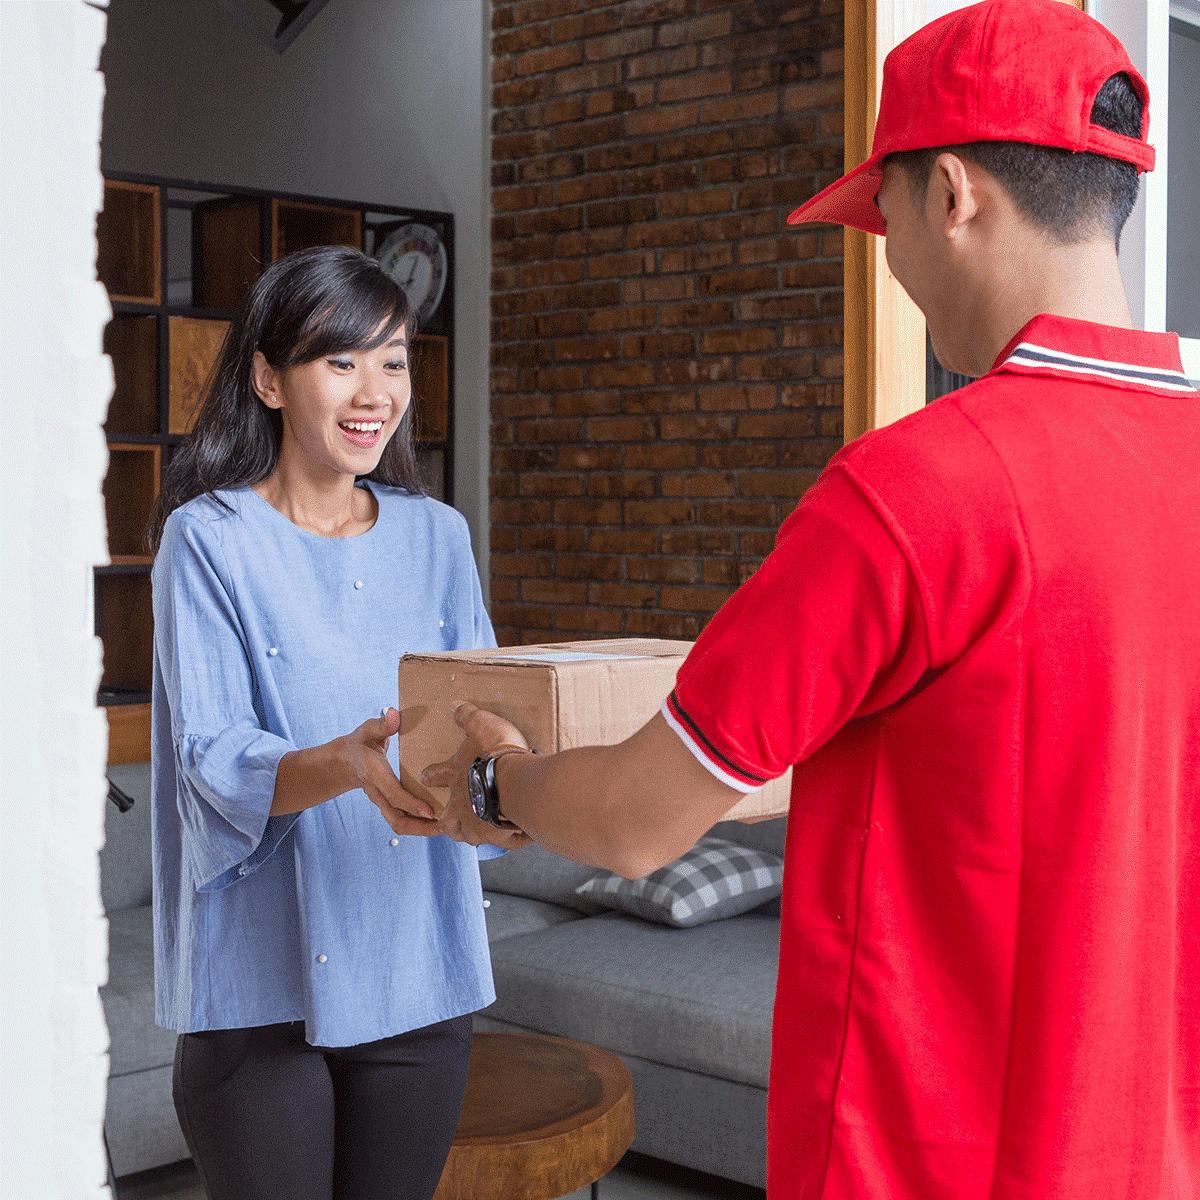 Đảm bảo chất lượng sản phẩm và dịch vụ ân cần, chuyên nghiệp thể hiện tinh thần Omotenashi.